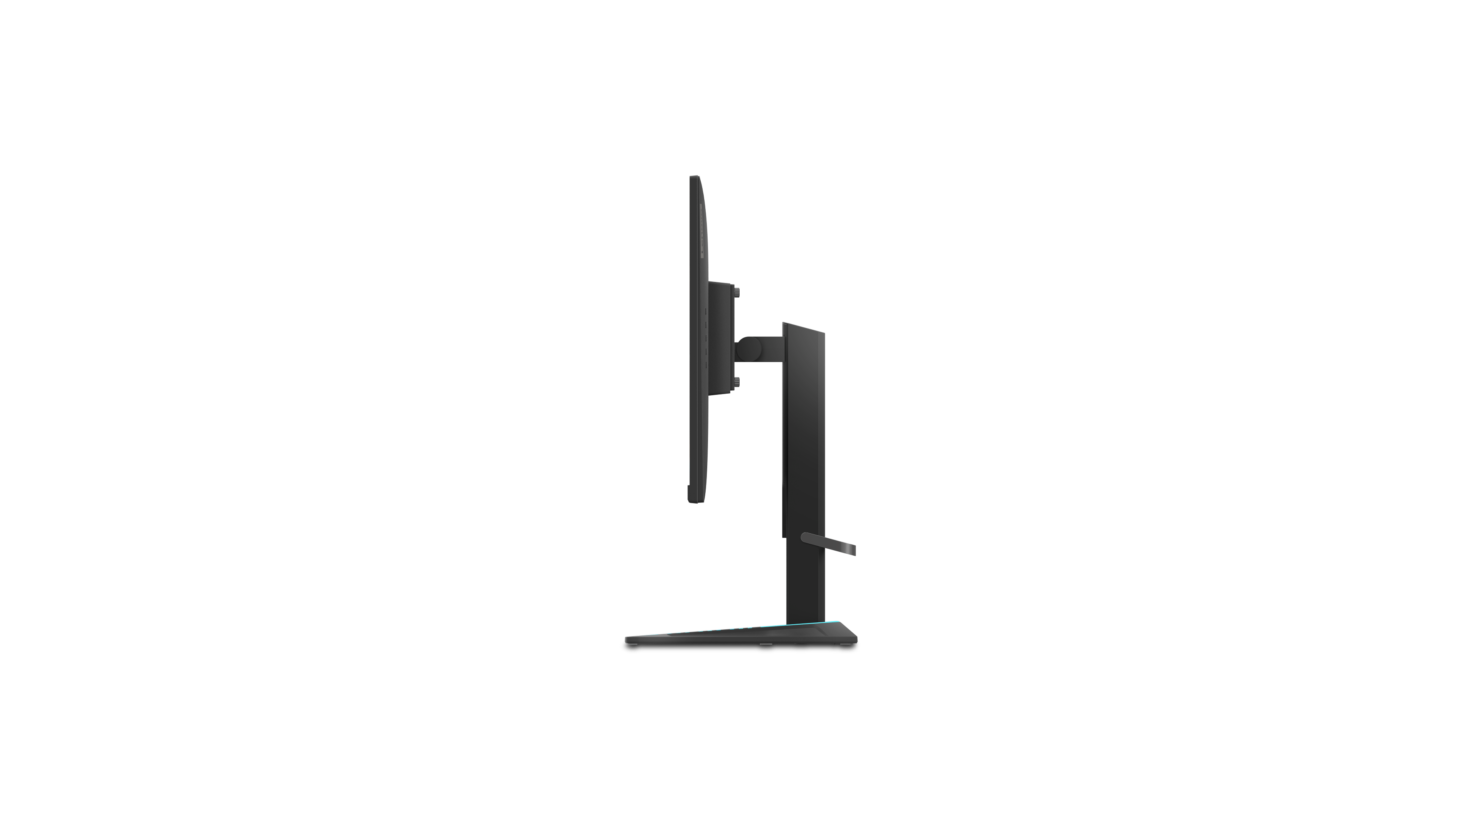 lenovo-g27-20-gaming-monitor_left_side_highest_height-custom